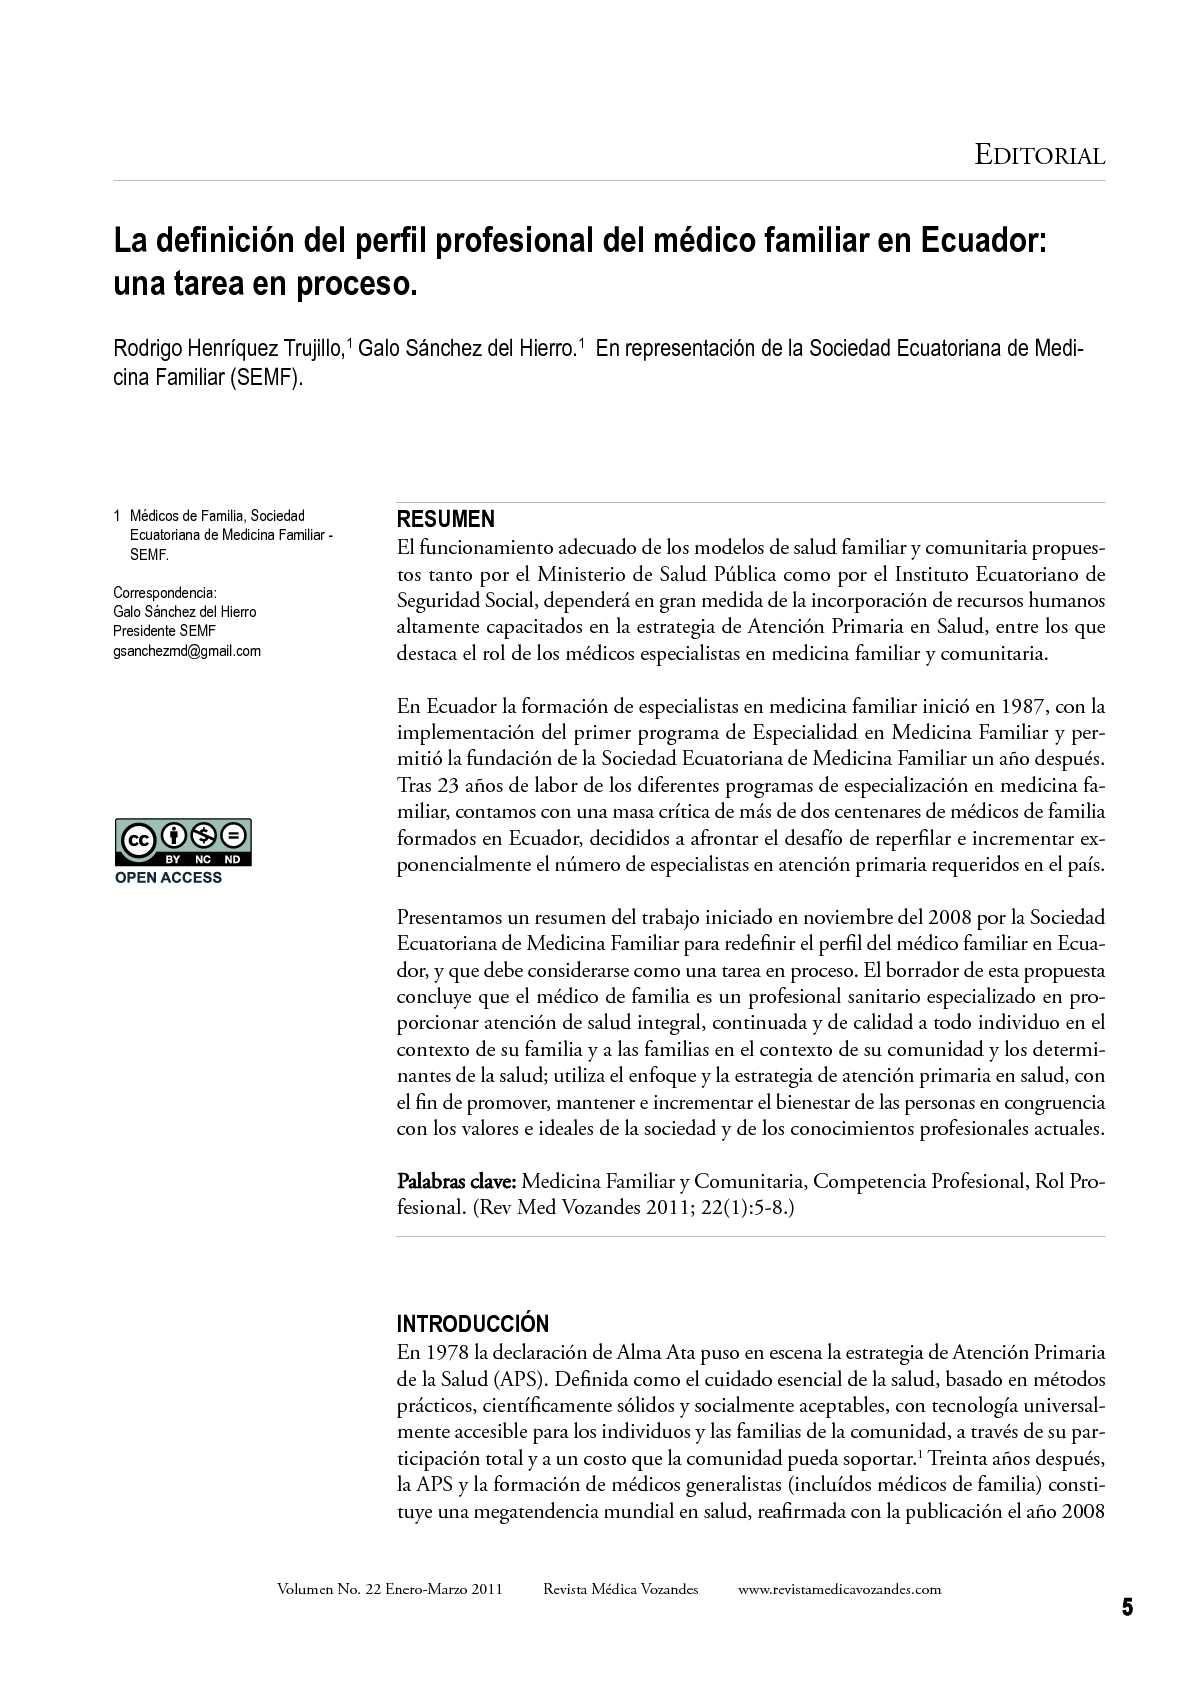 Calaméo - La definición del perfil profesional del médico familiar ...